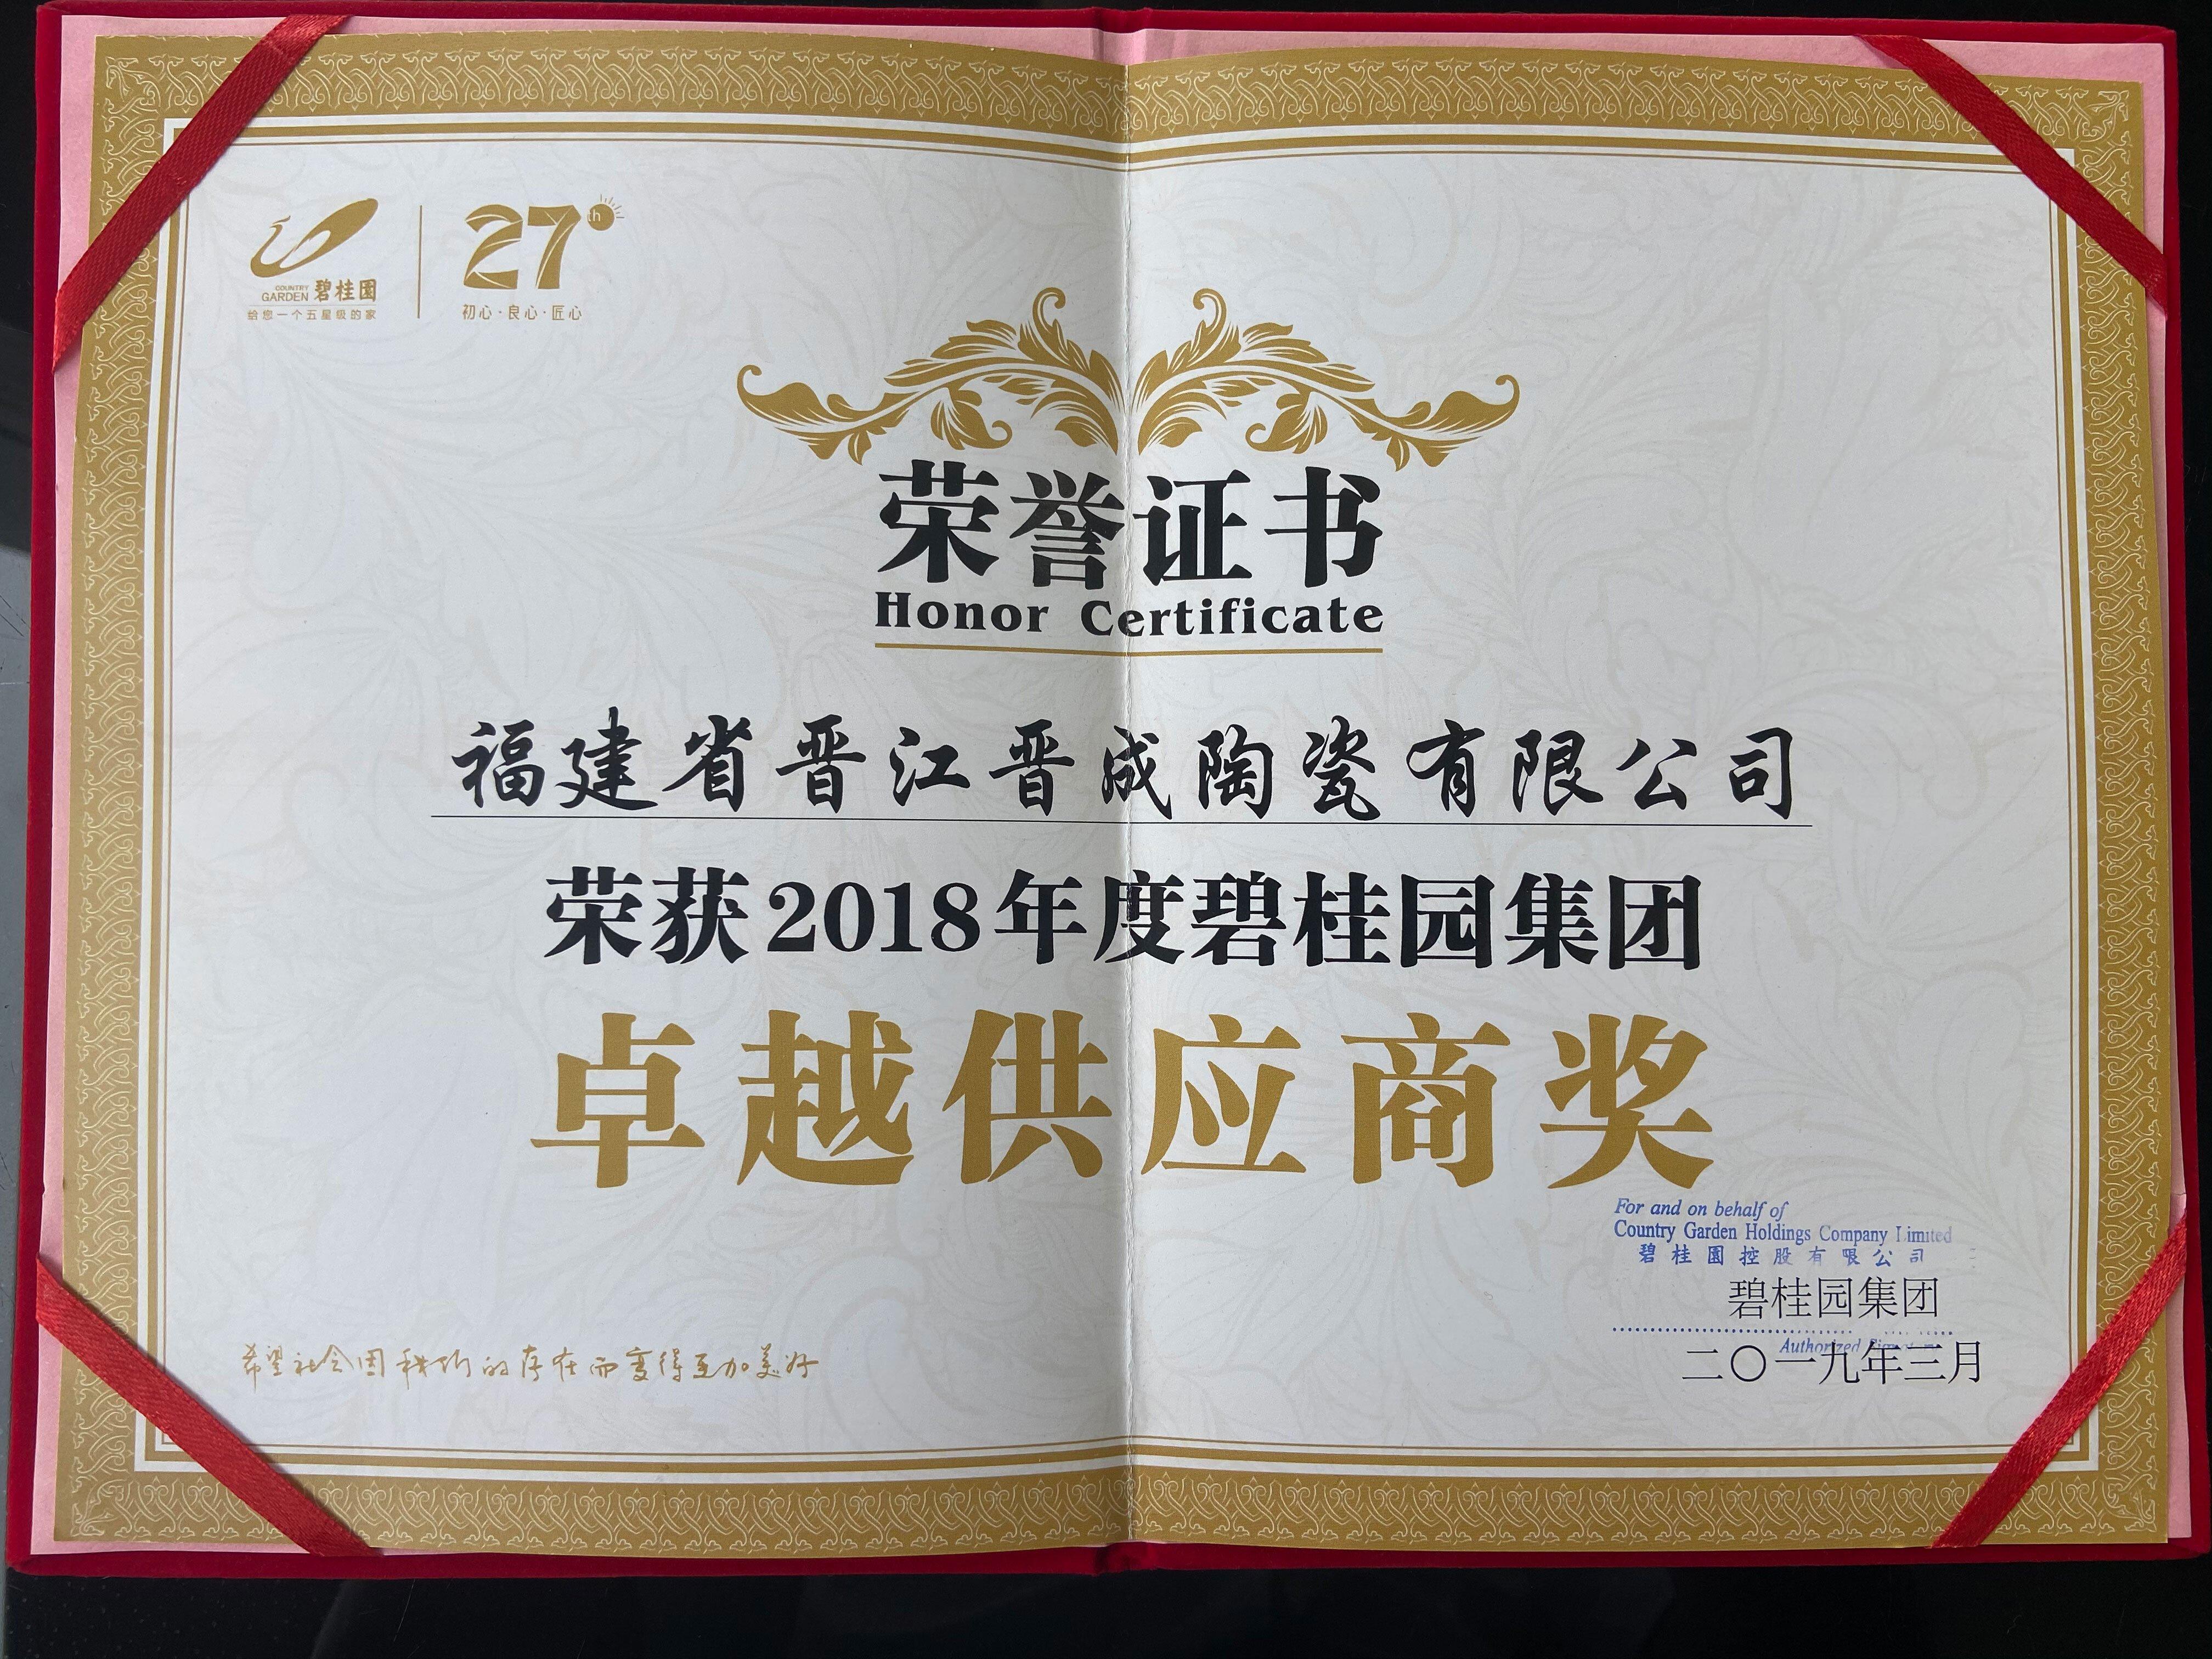 2018碧桂园卓越供应商奖